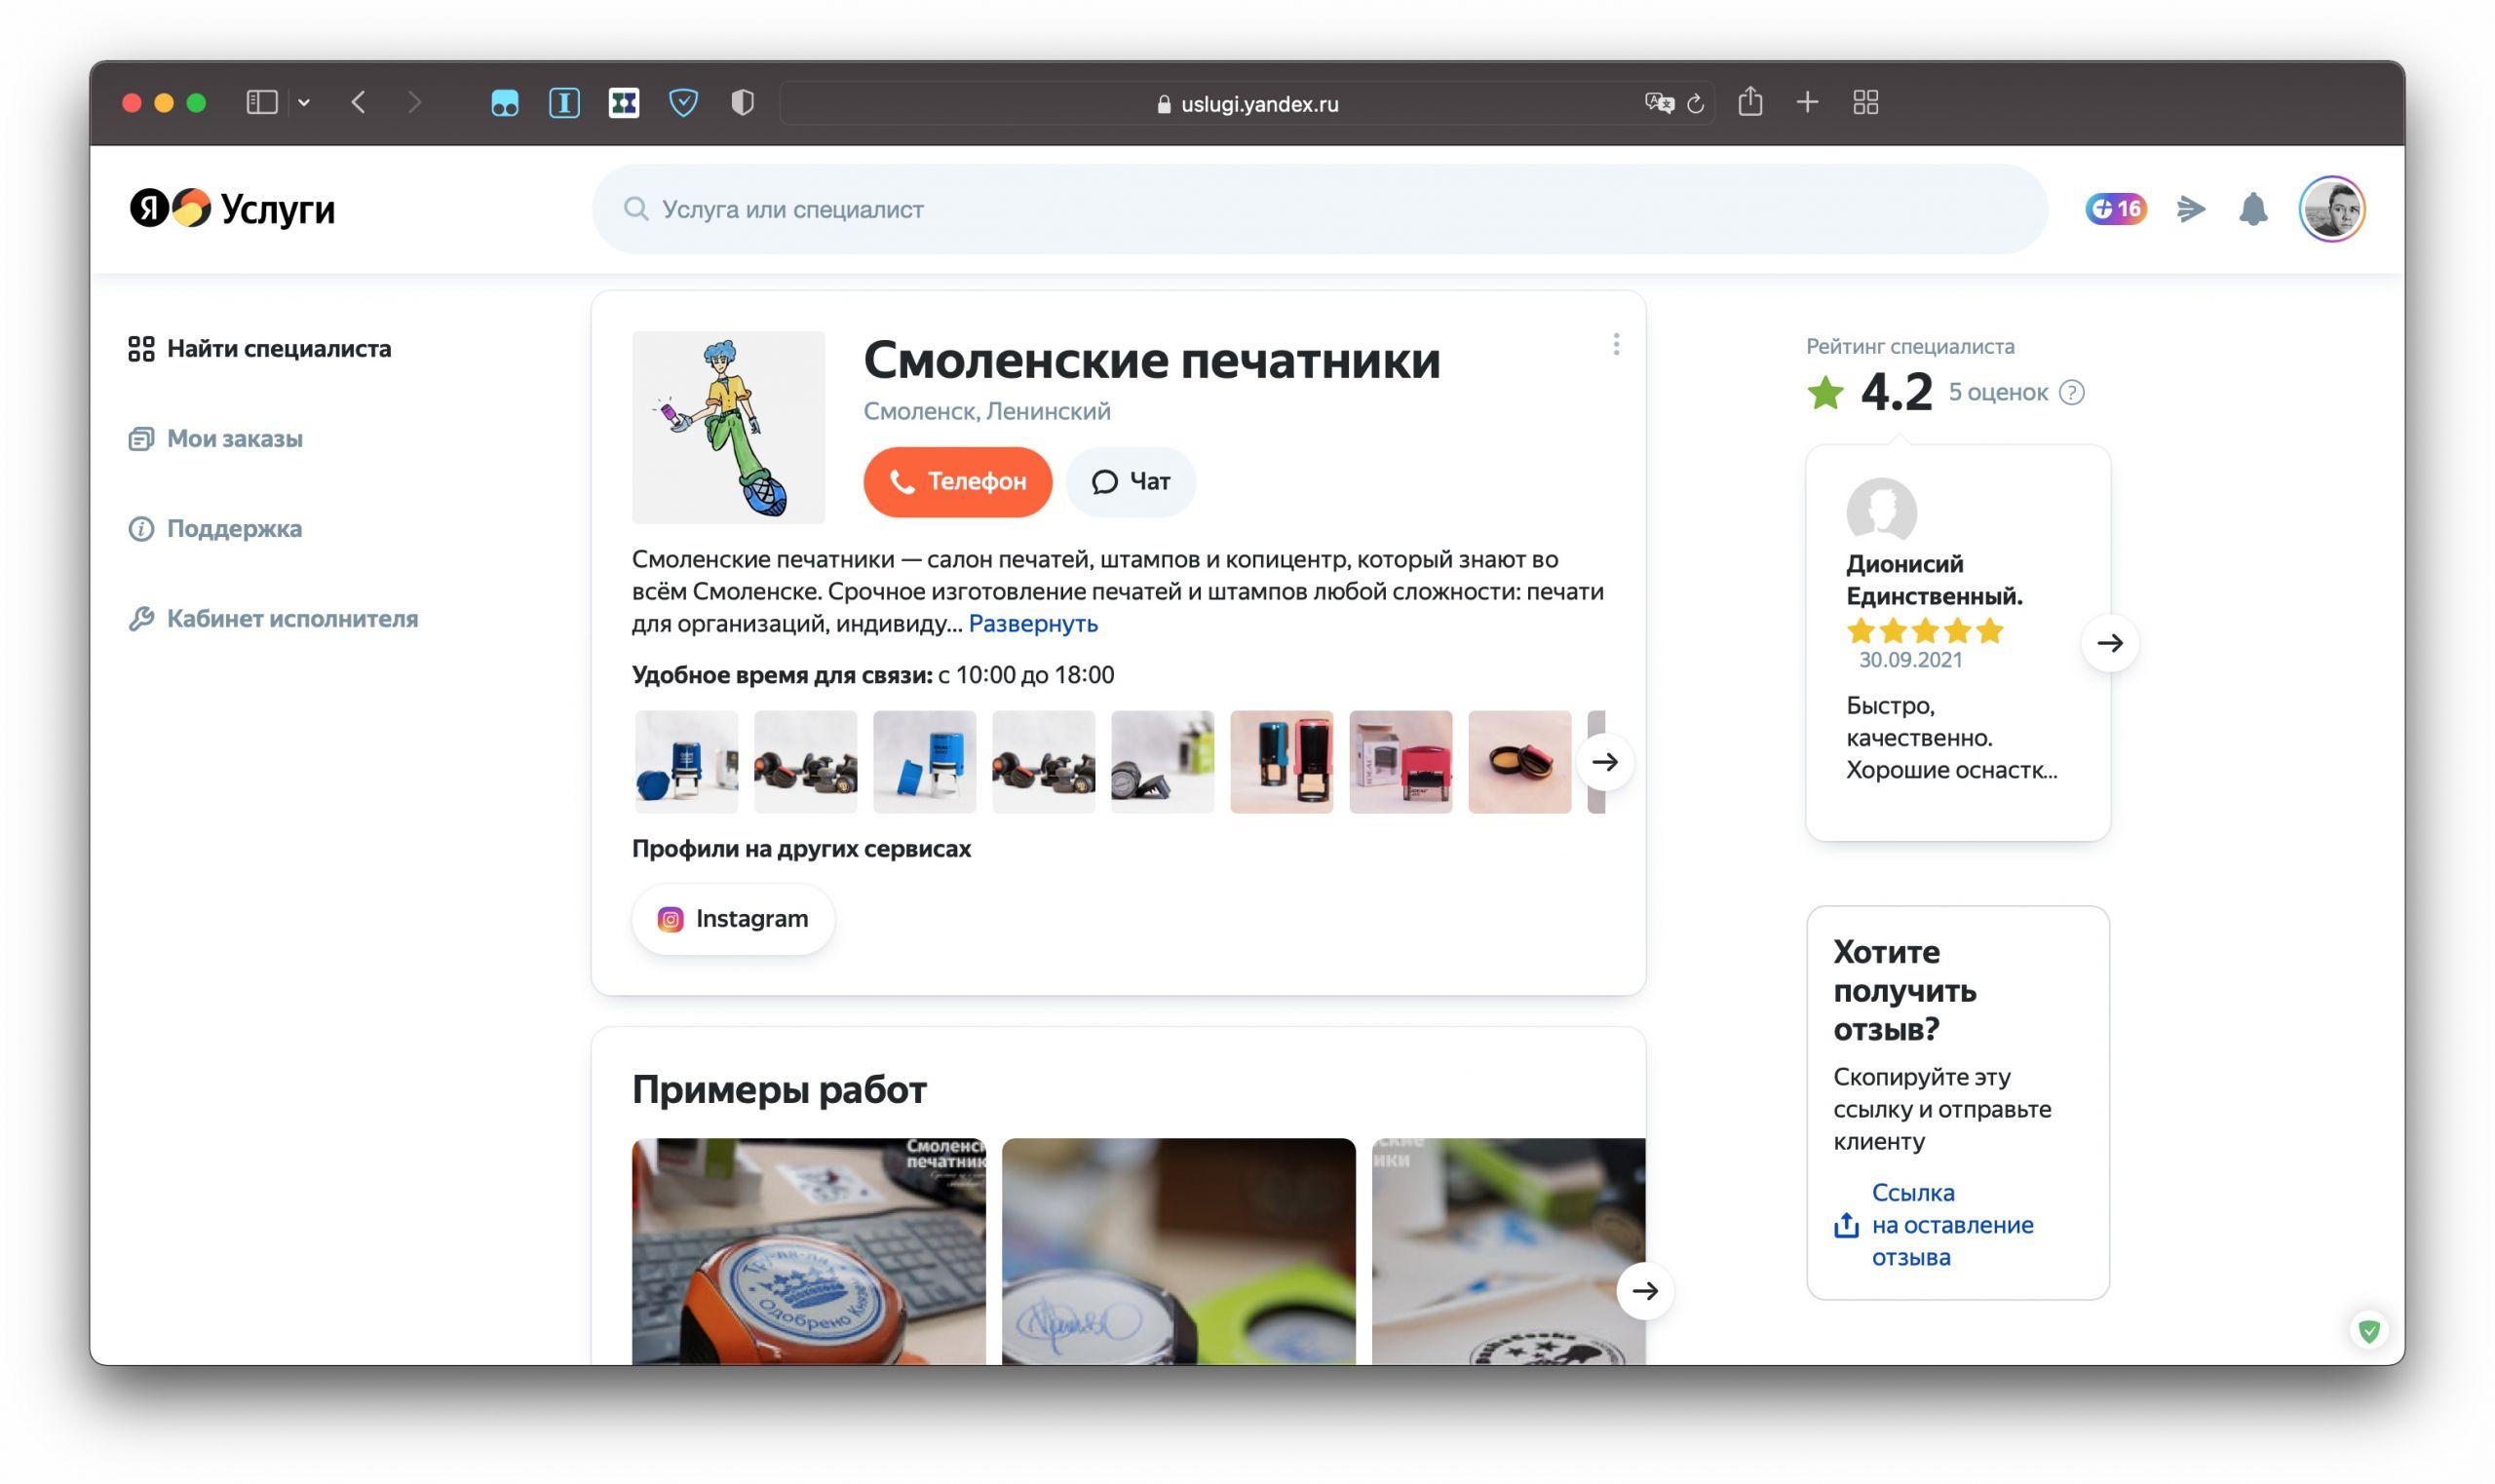 Смоленские печатники Смоленск